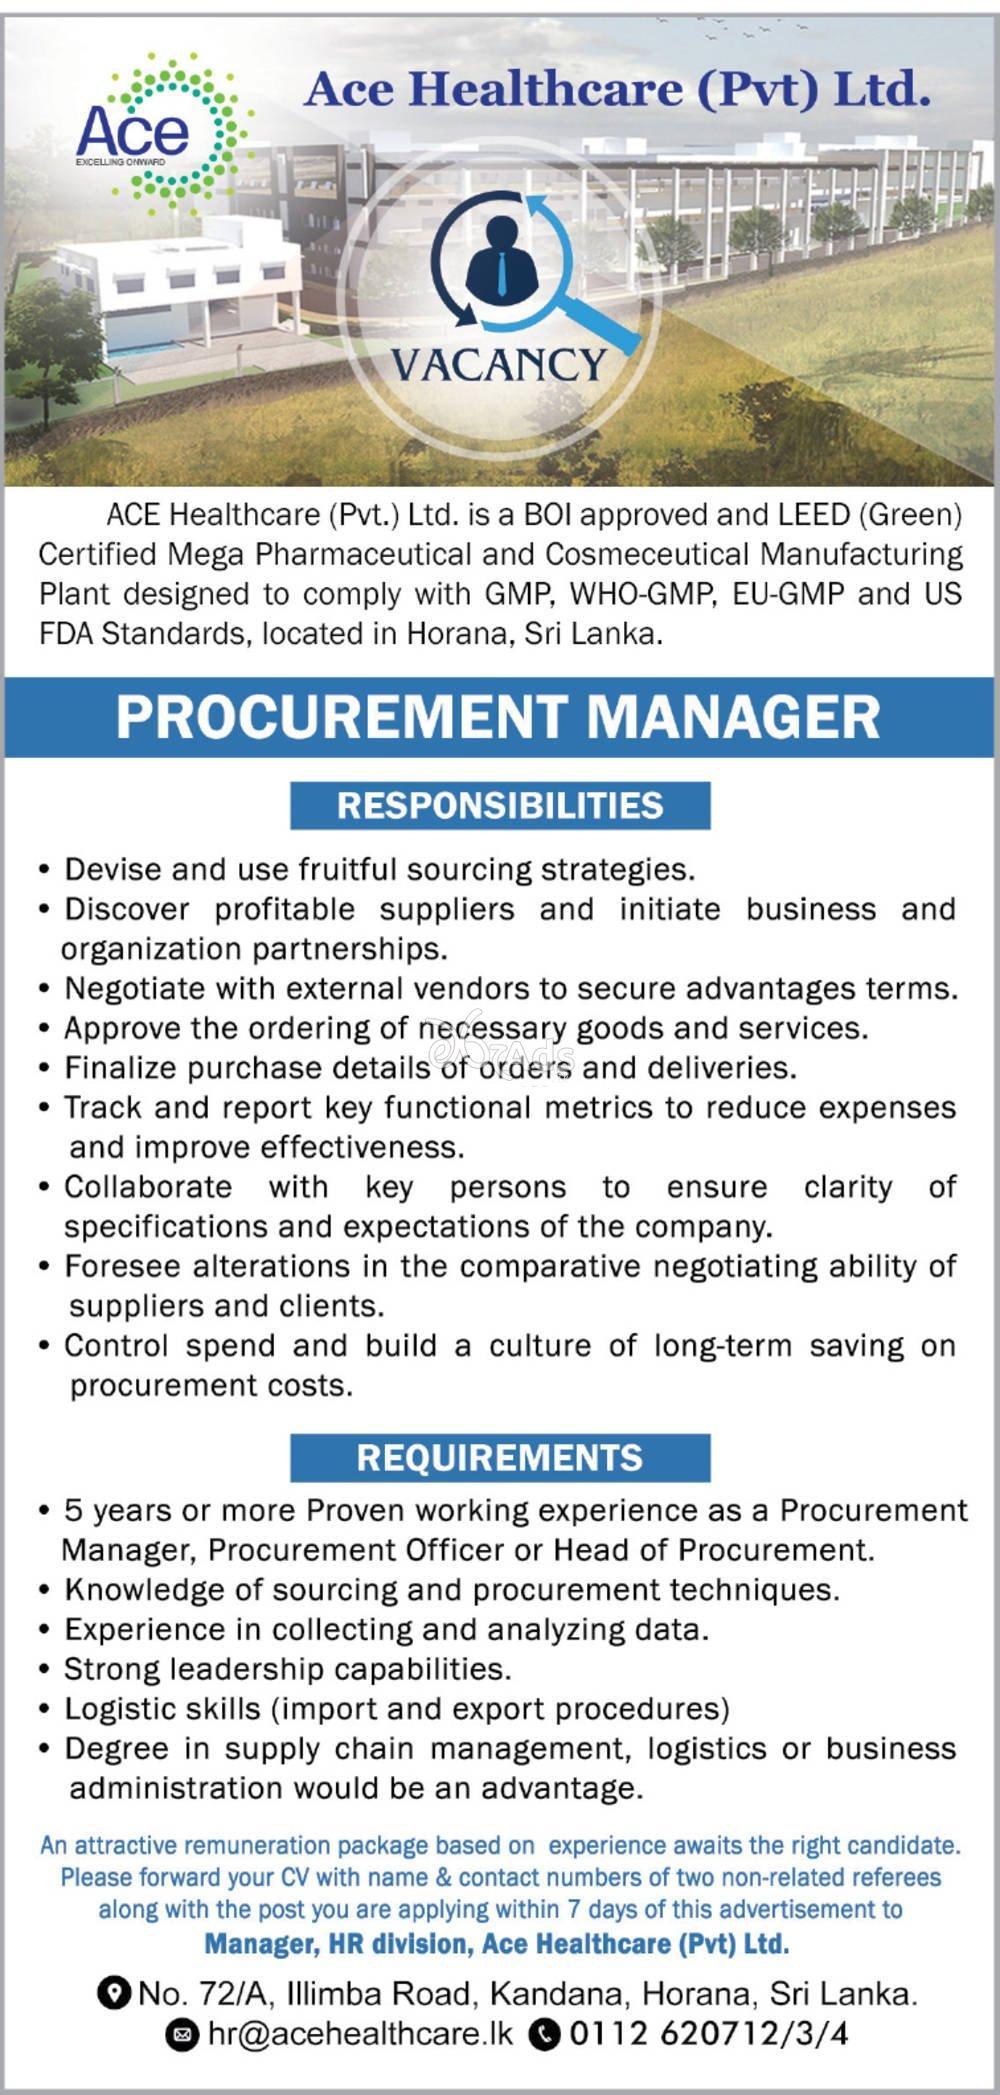 Procurement Manager - ACE Healthcare (Pvt) Ltd